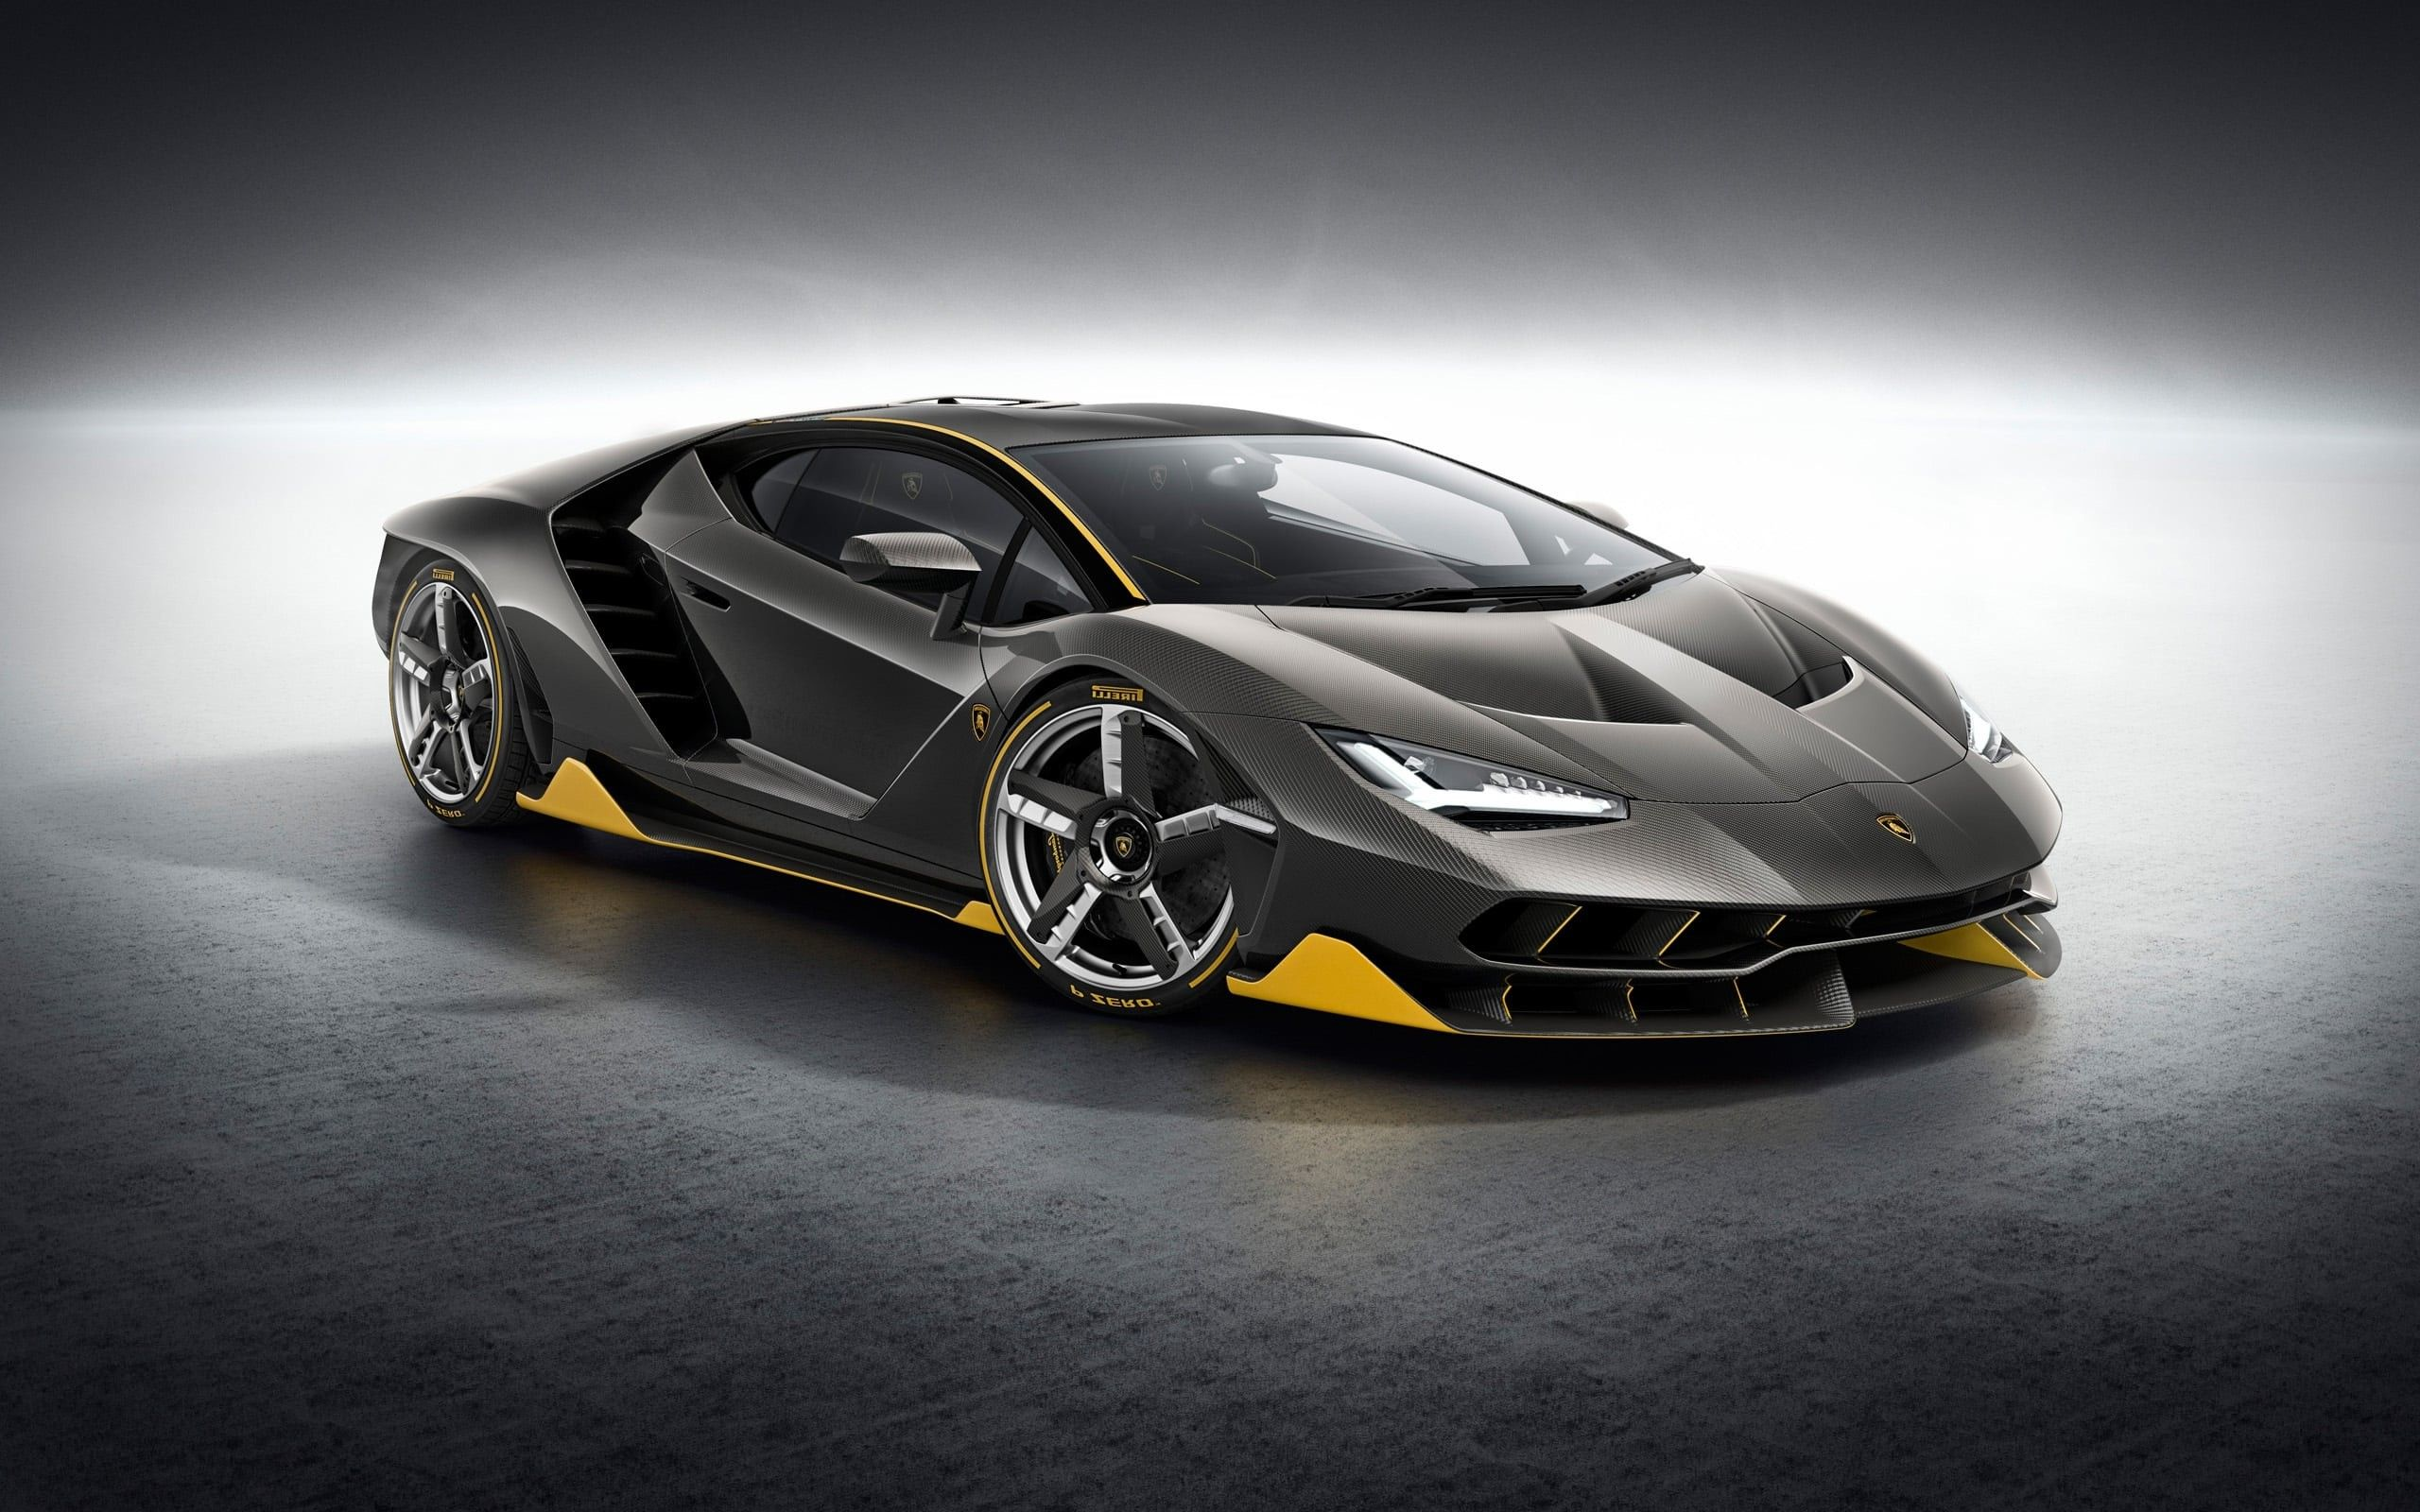 Lamborghini Reventon Wallpapers Top Free Lamborghini Reventon